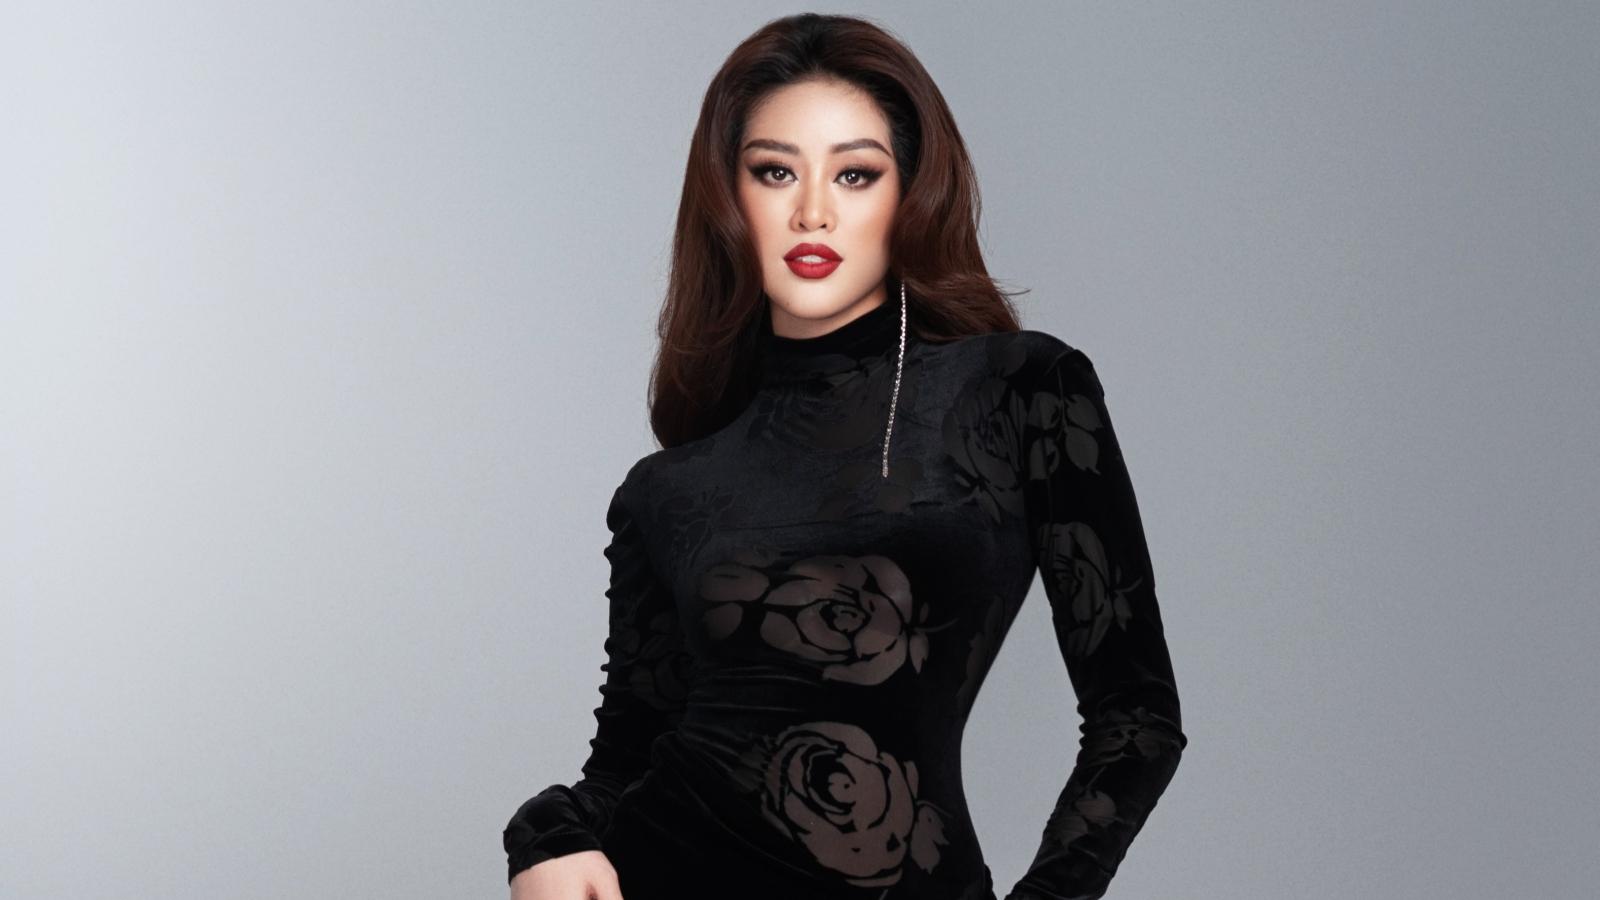 Hoa hậu Khánh Vân hé lộ bộ ảnh dạ hội trước thềm bán kết Miss Universe lần thứ 69